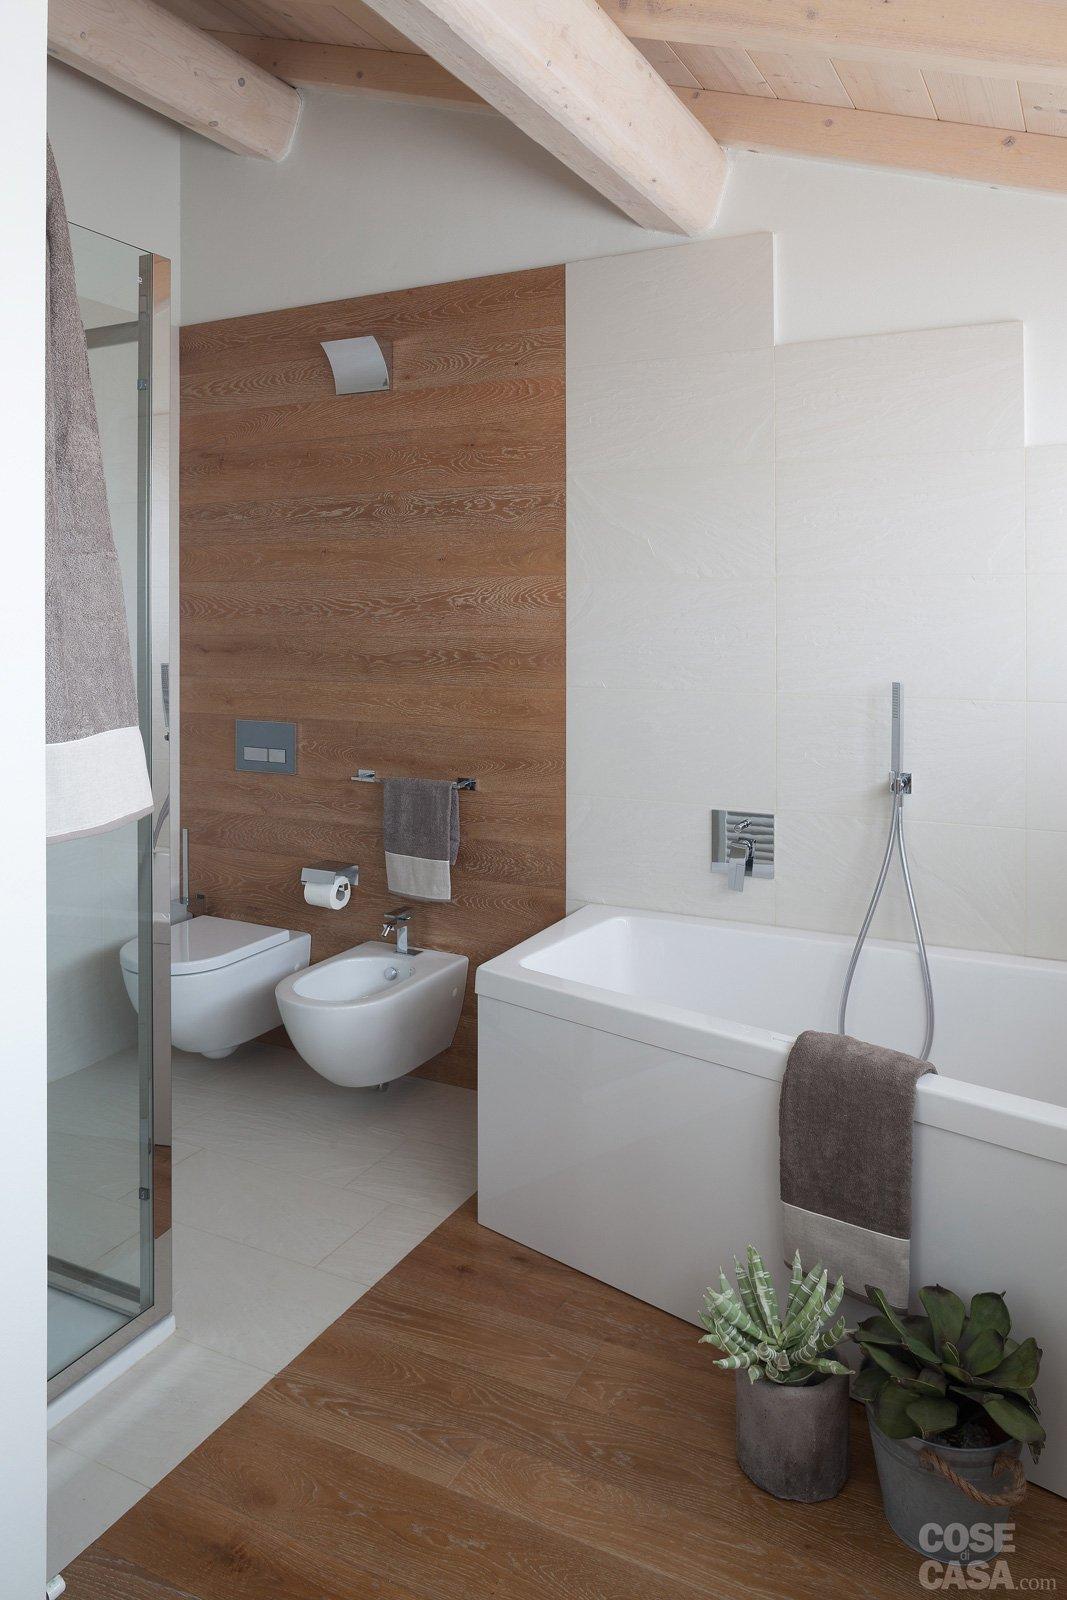 40 105 mq di sottotetto design in contesto d 39 epoca for Finestra mansarda